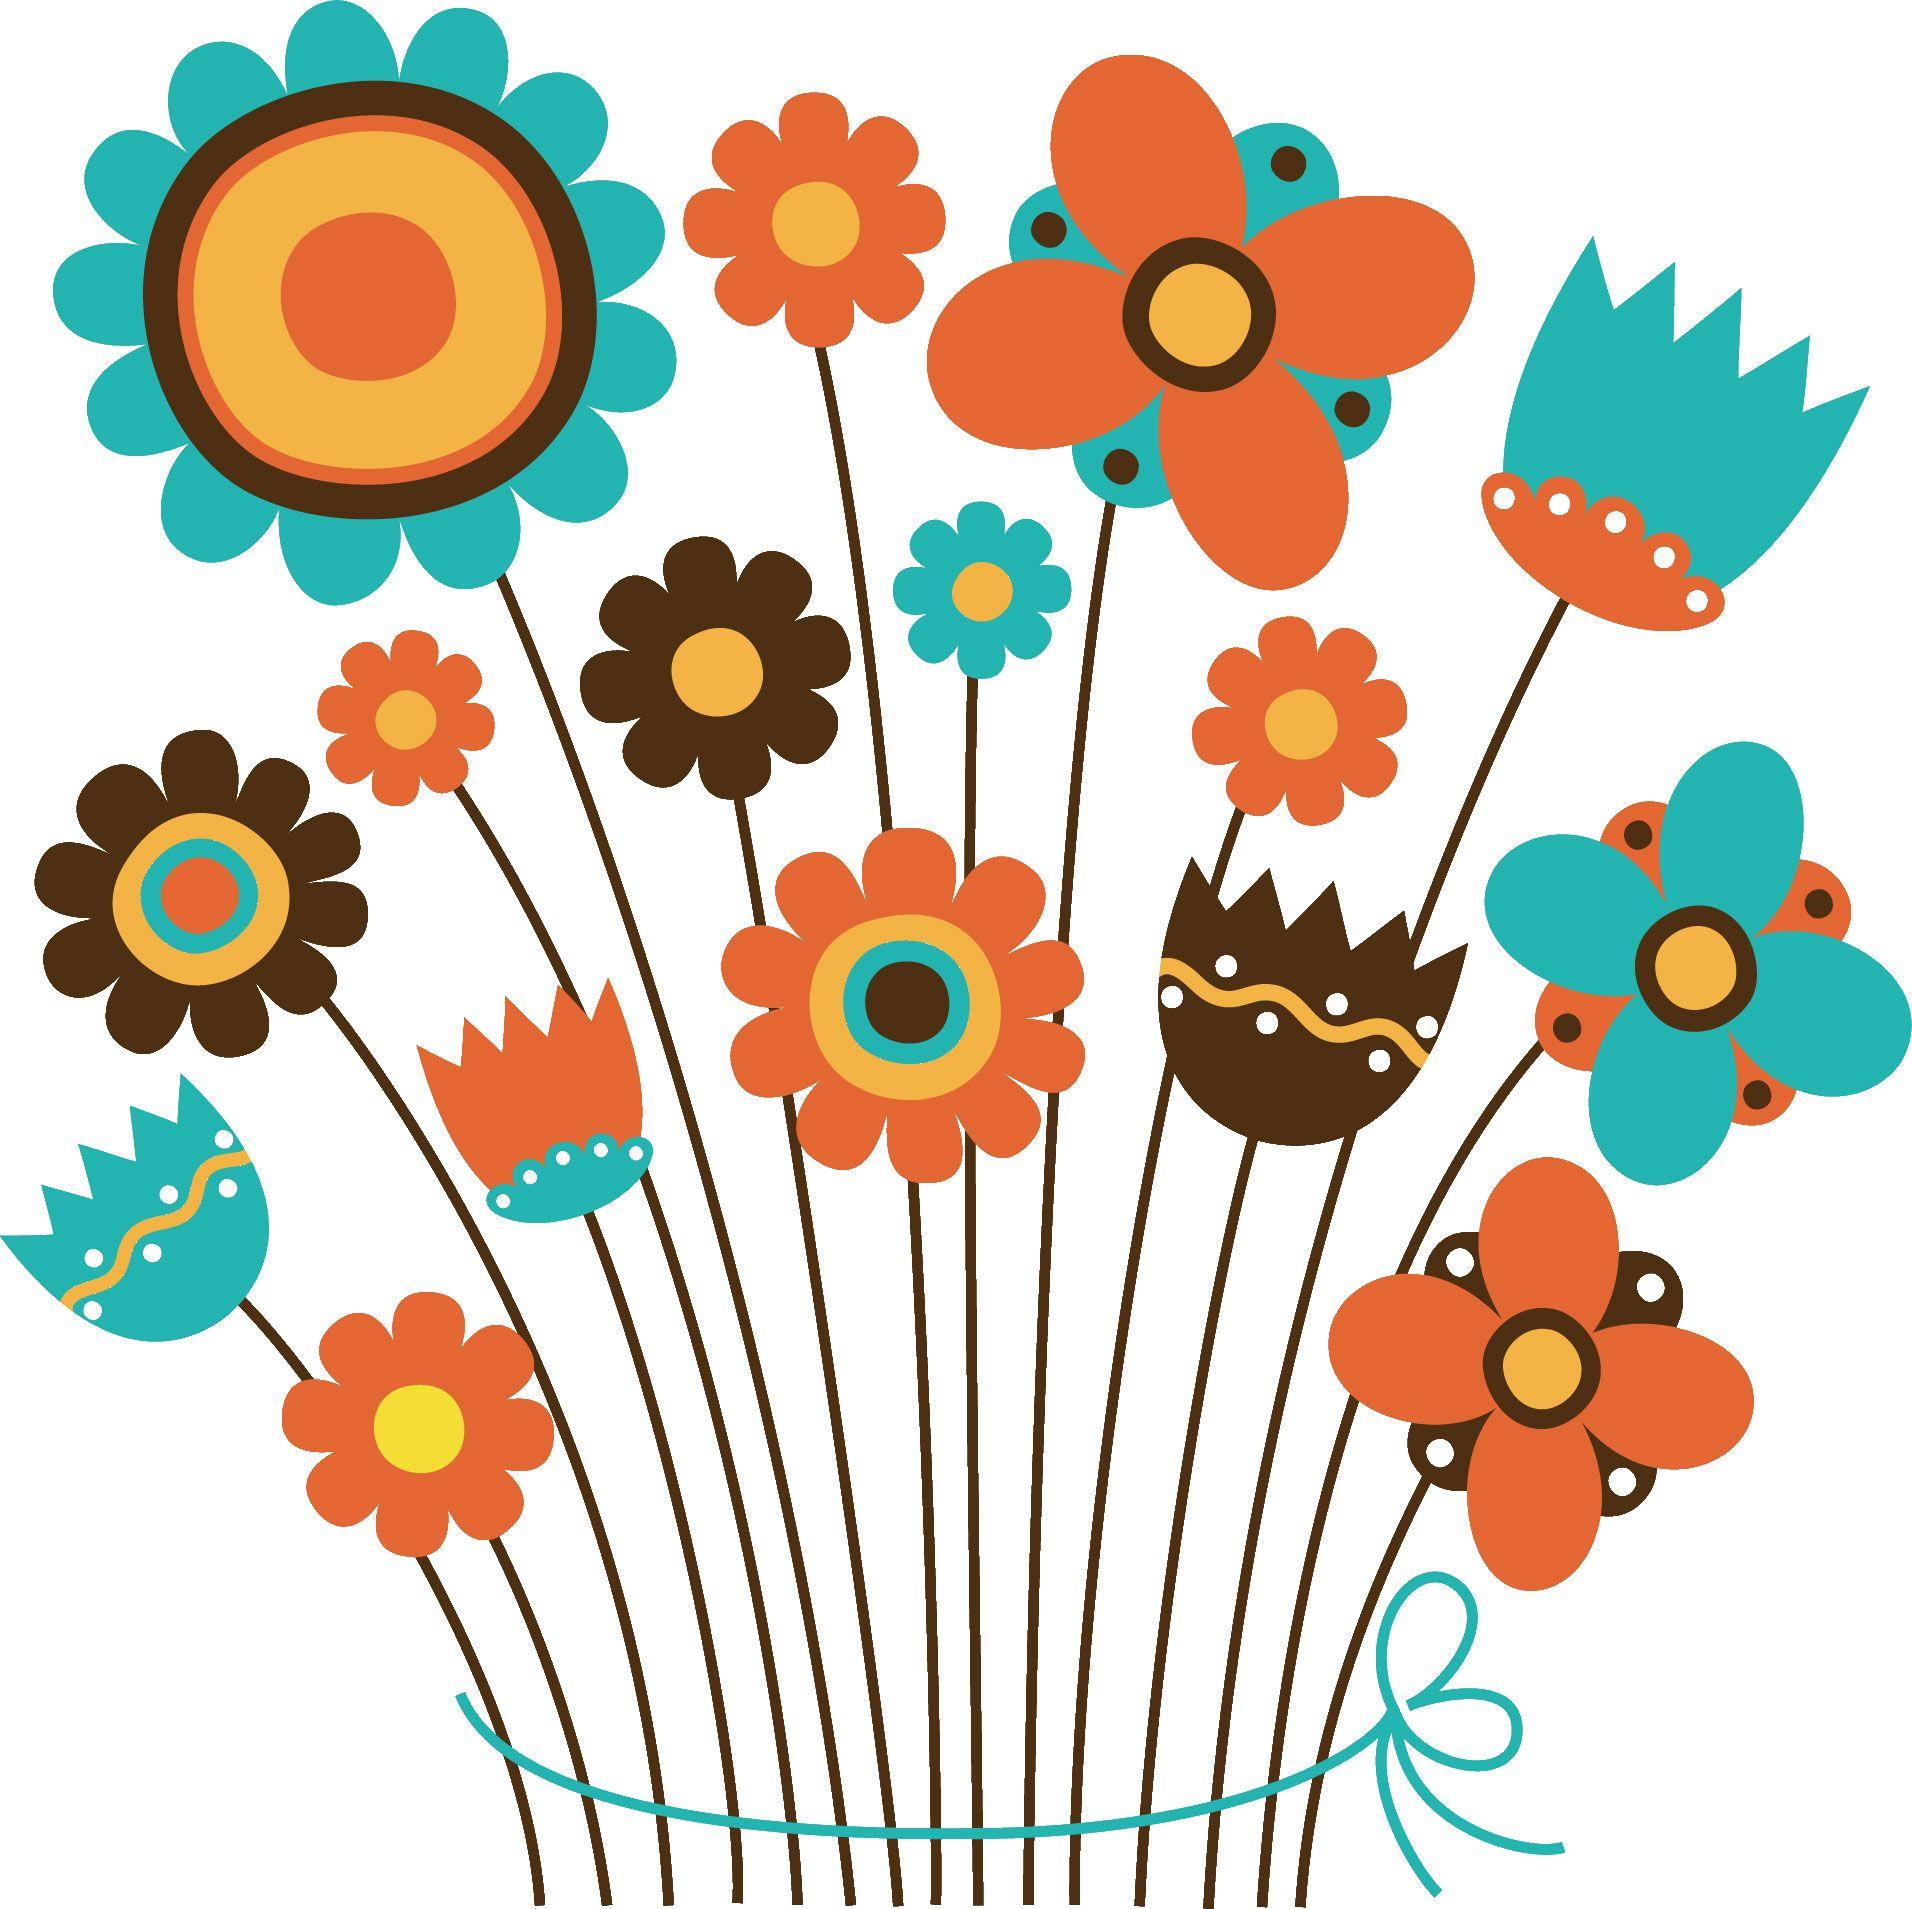 花束イラスト いろんな花ver2 花 イラスト 花 イラスト かわいい イラスト